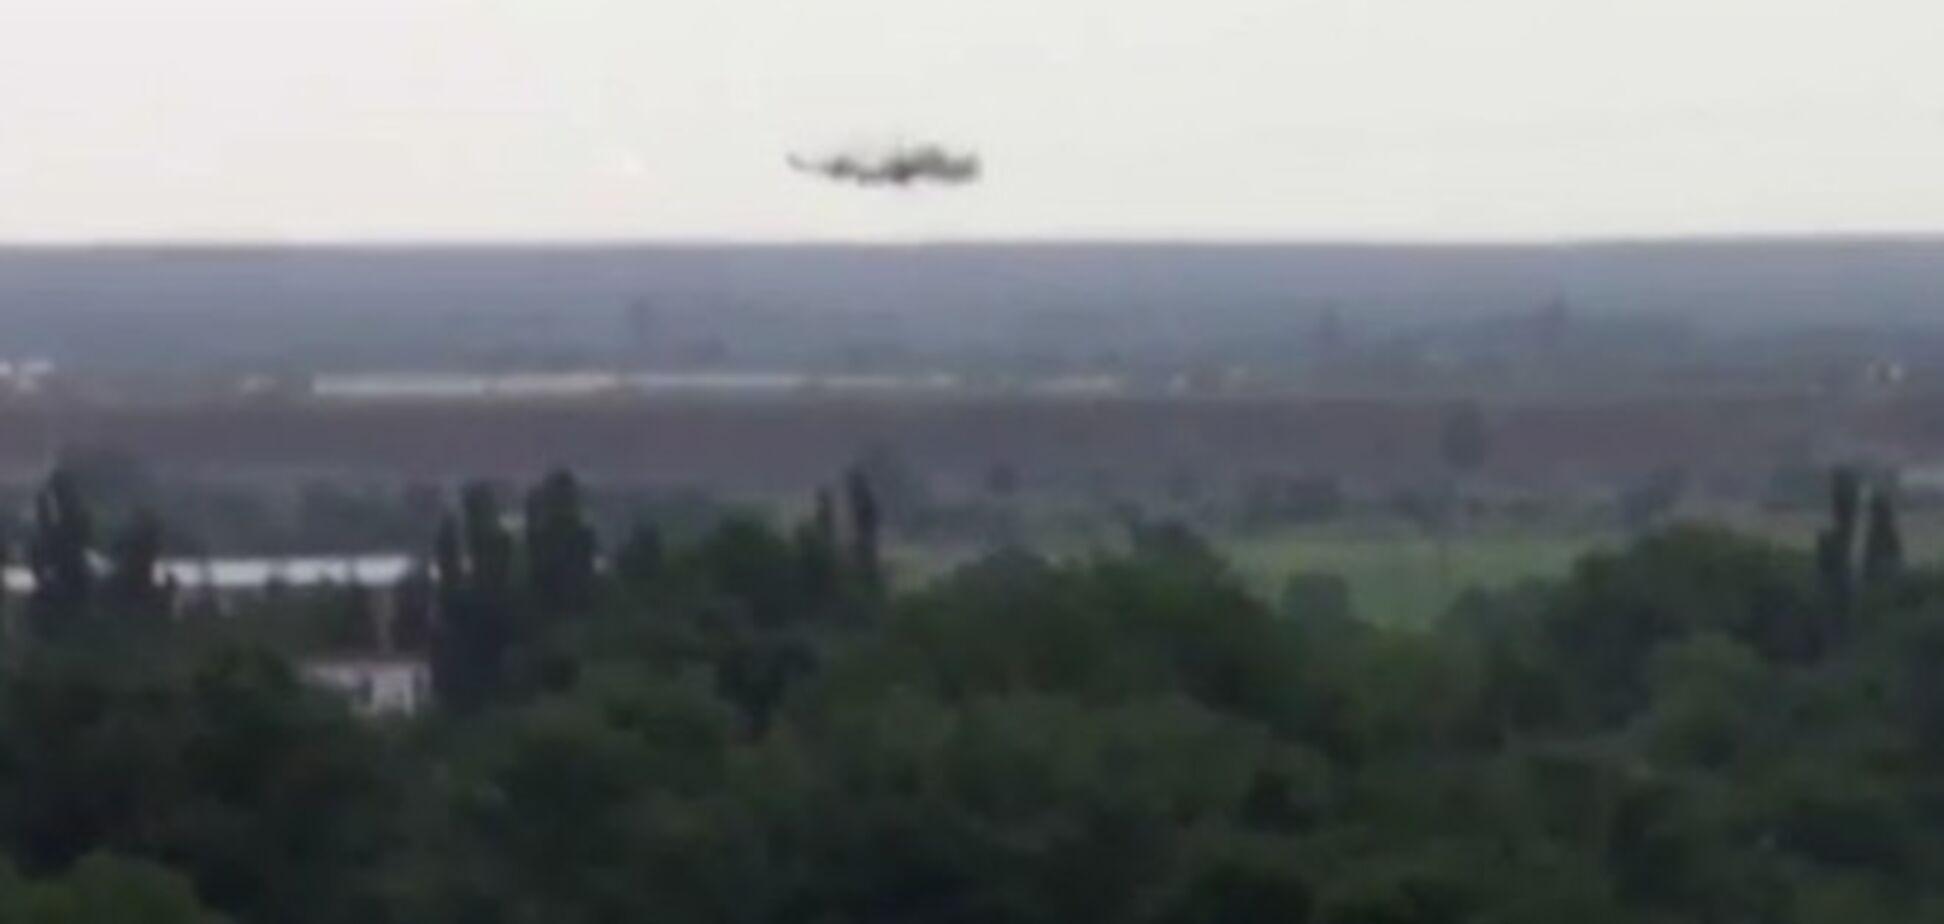 В Славянске террористы сбили штурмовик СУ-25 и вертолет МИ-24 – очевидцы